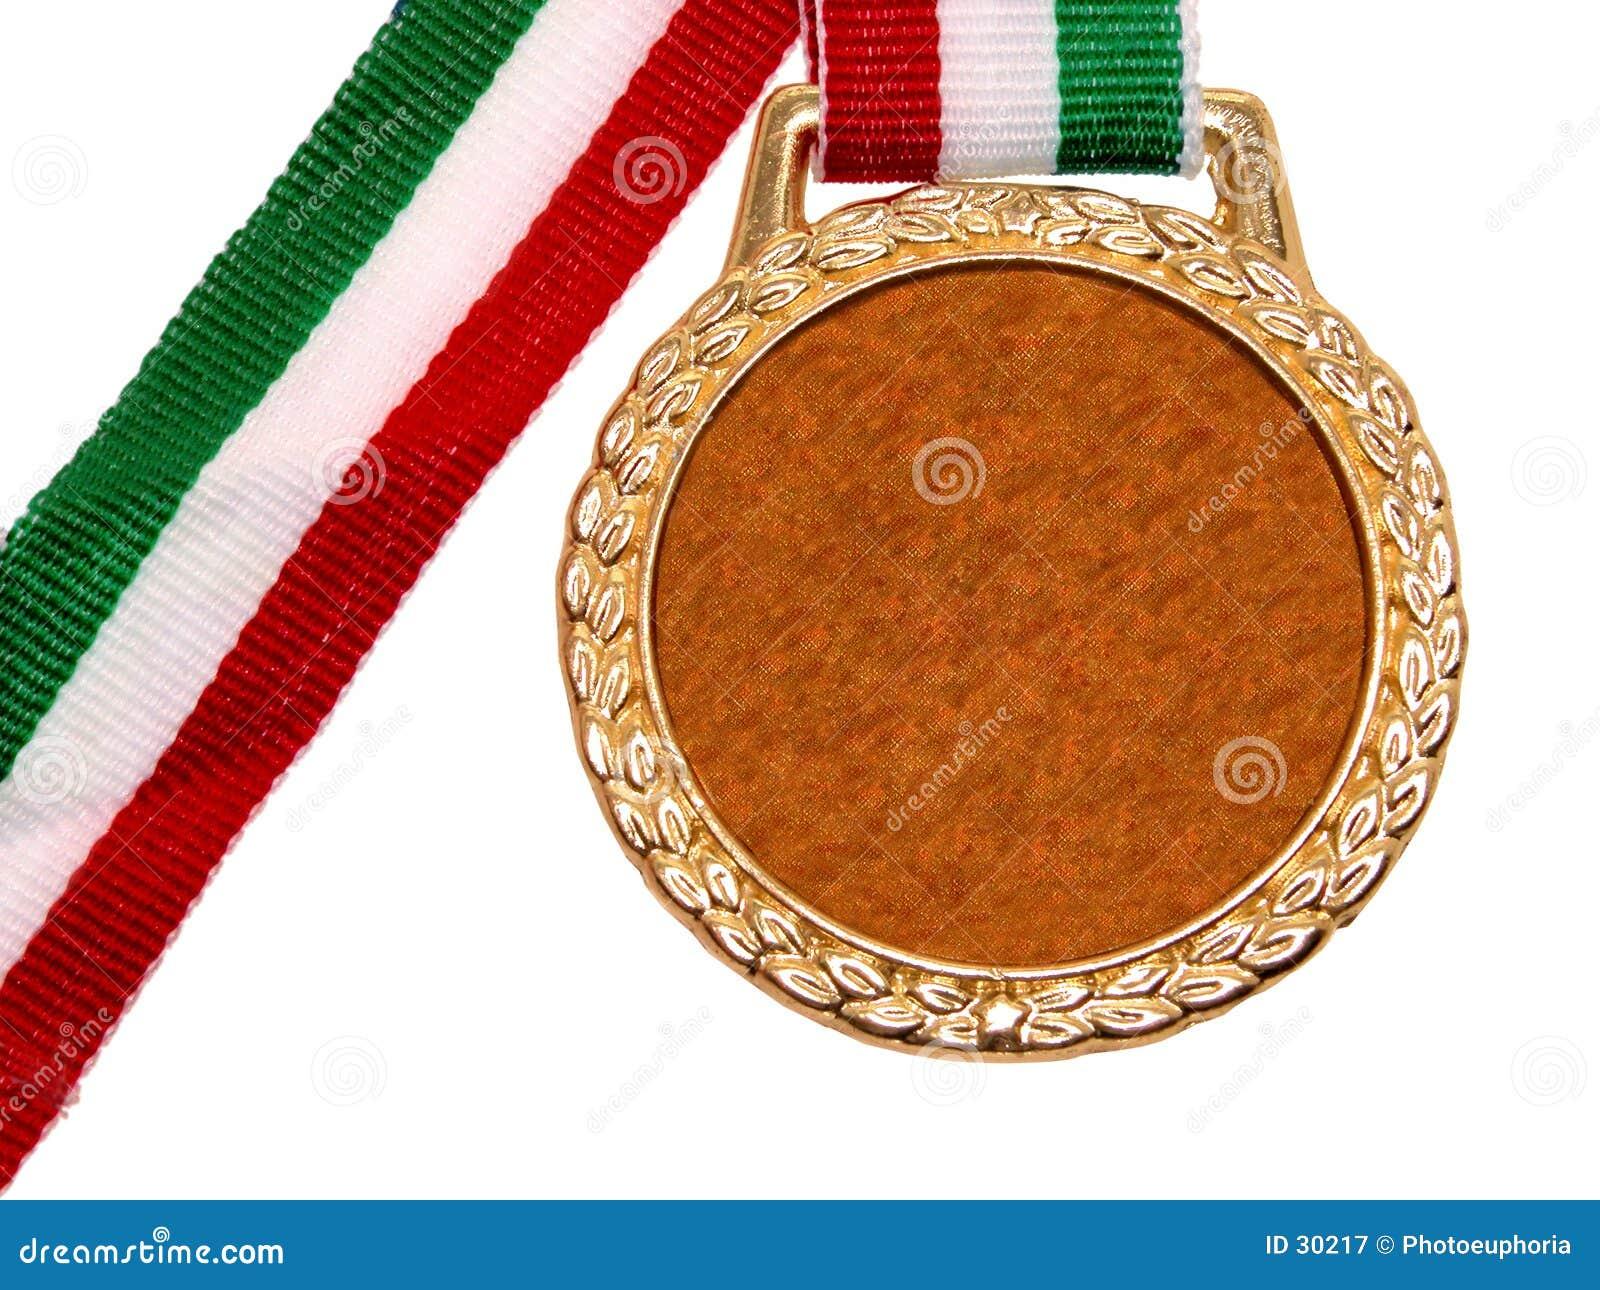 Misc.: Glanzende Gouden Medaille met Rood Wit & Groen Lint